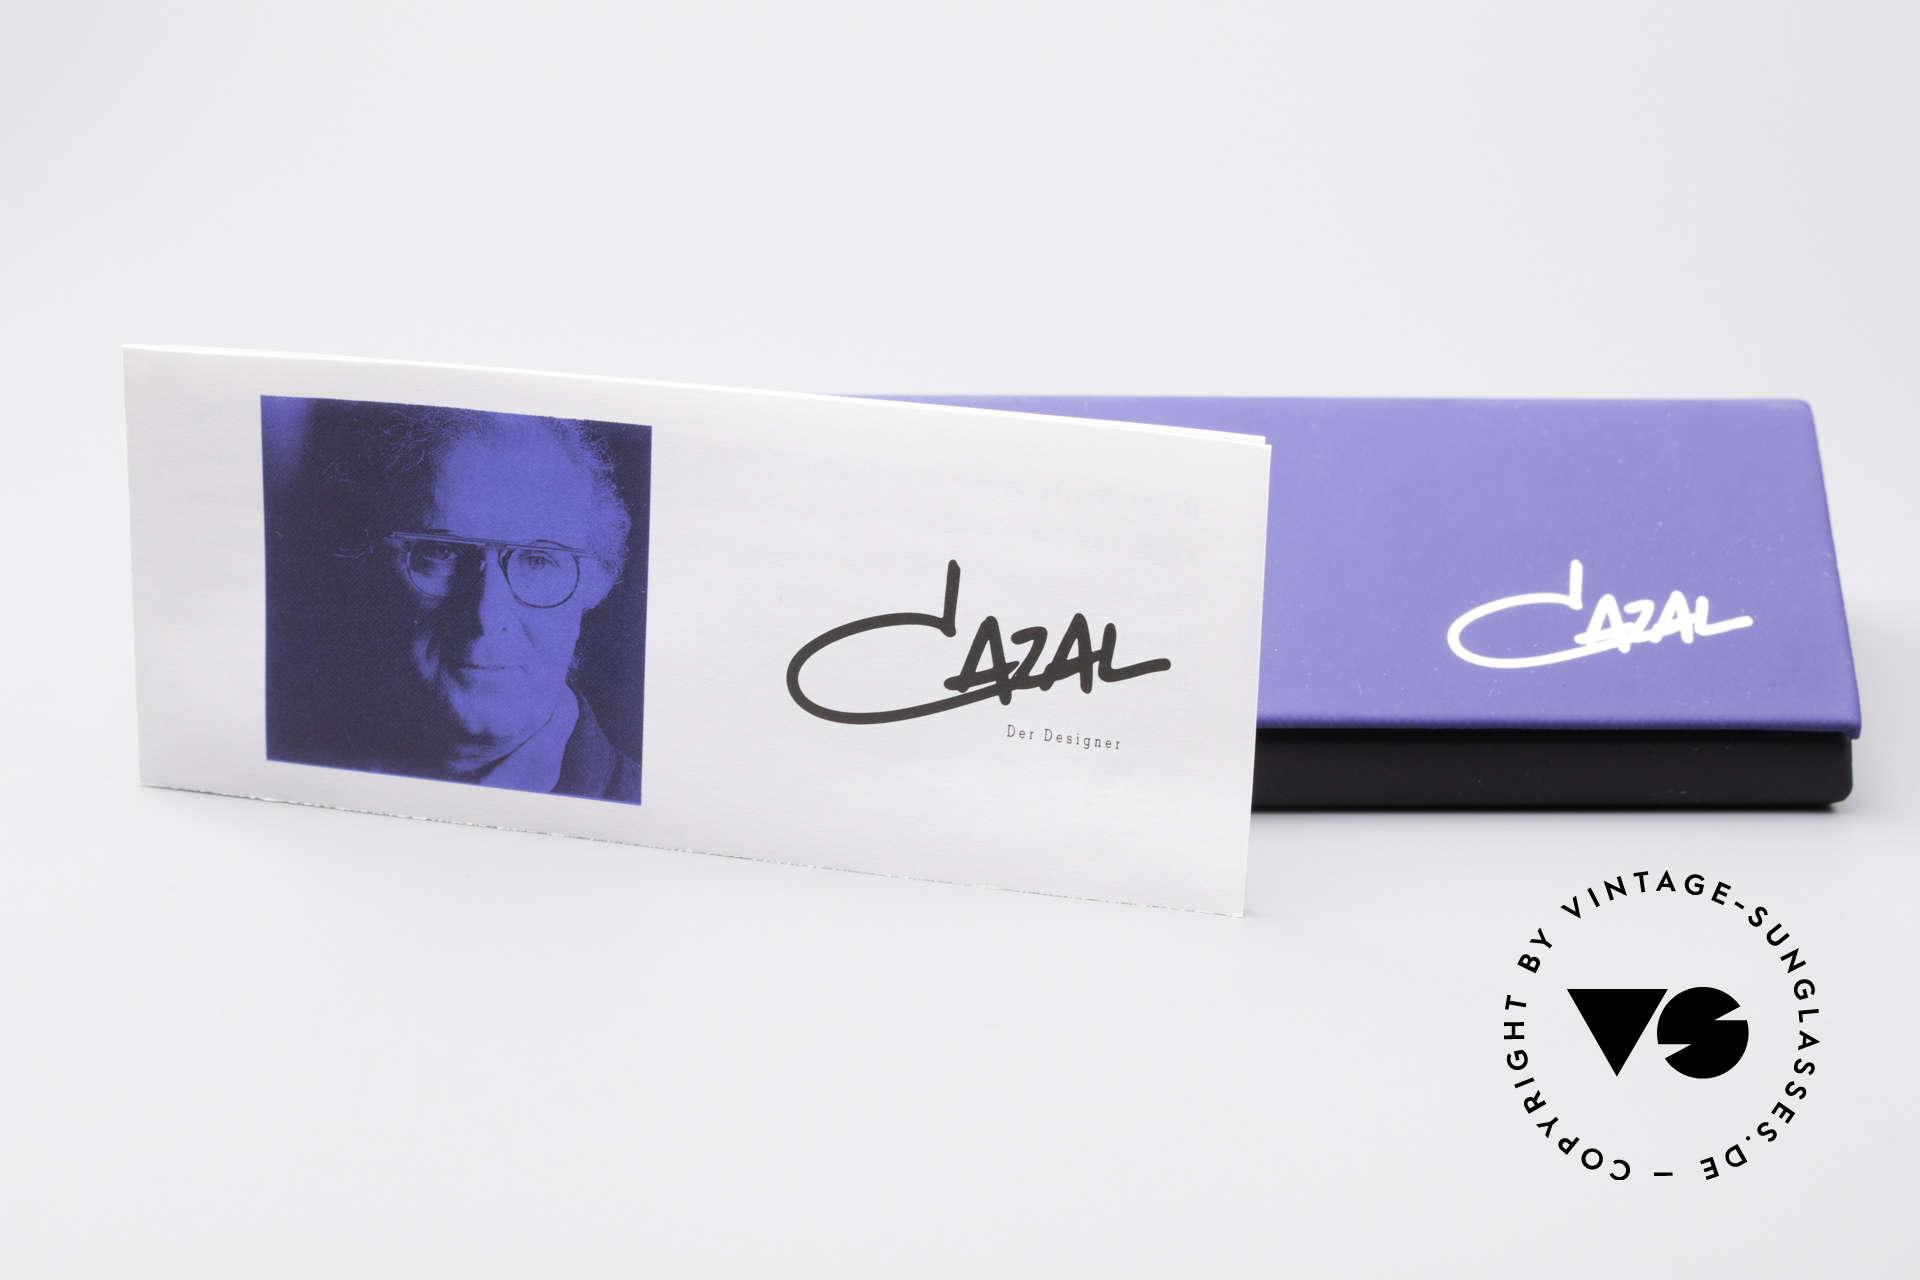 Cazal 235 Pinke Titanium Vintage Brille, pinke Sonnengläser können ggf. ausgetauscht werden, Passend für Herren und Damen